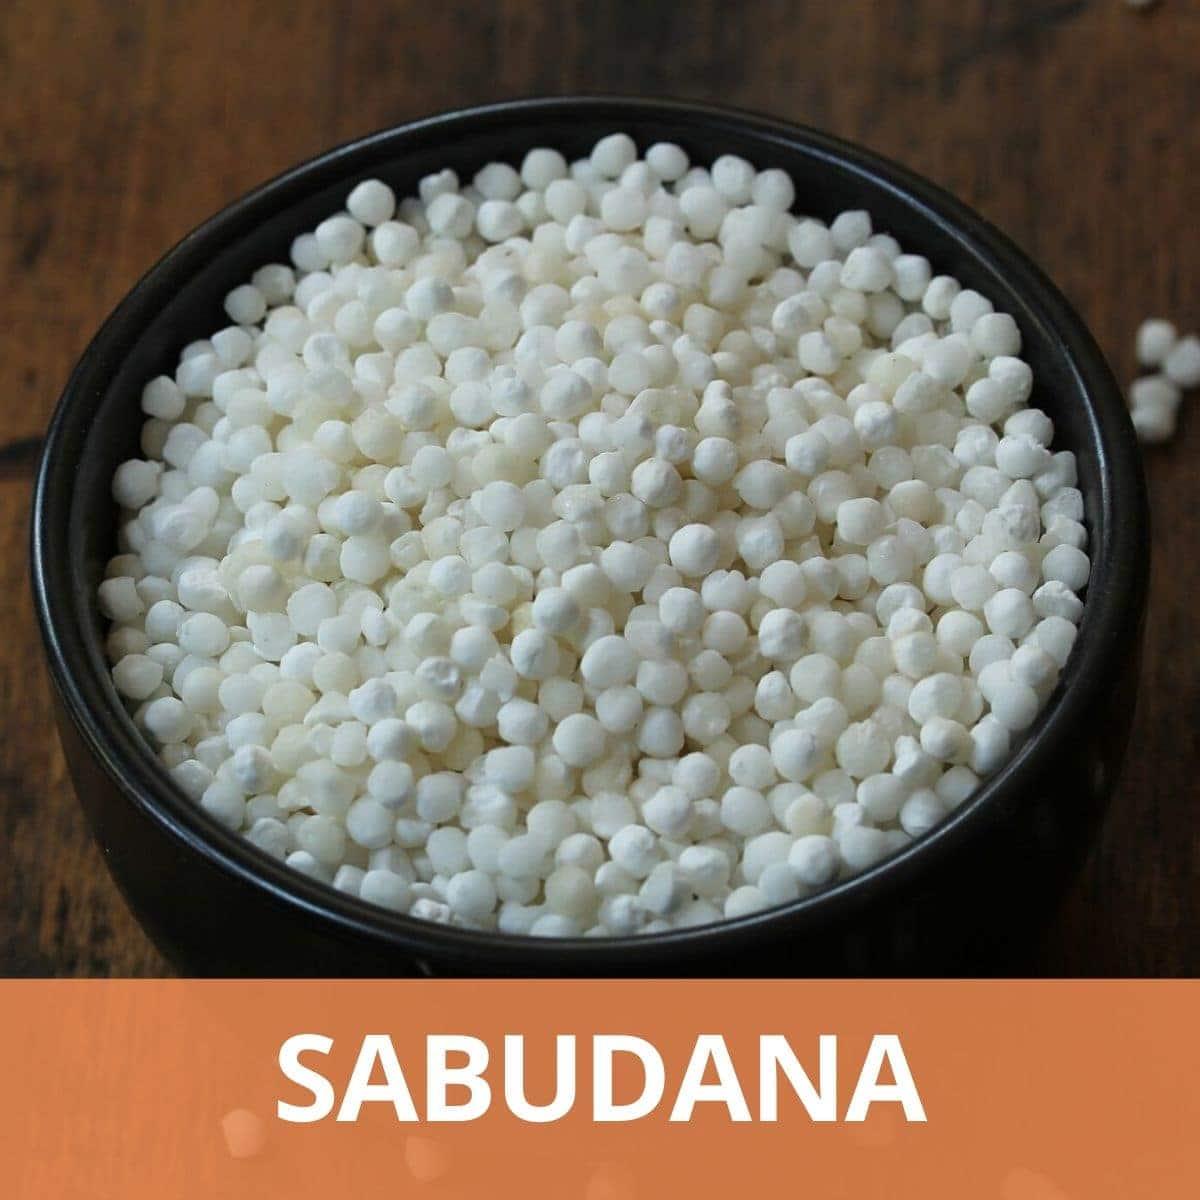 Sabudana